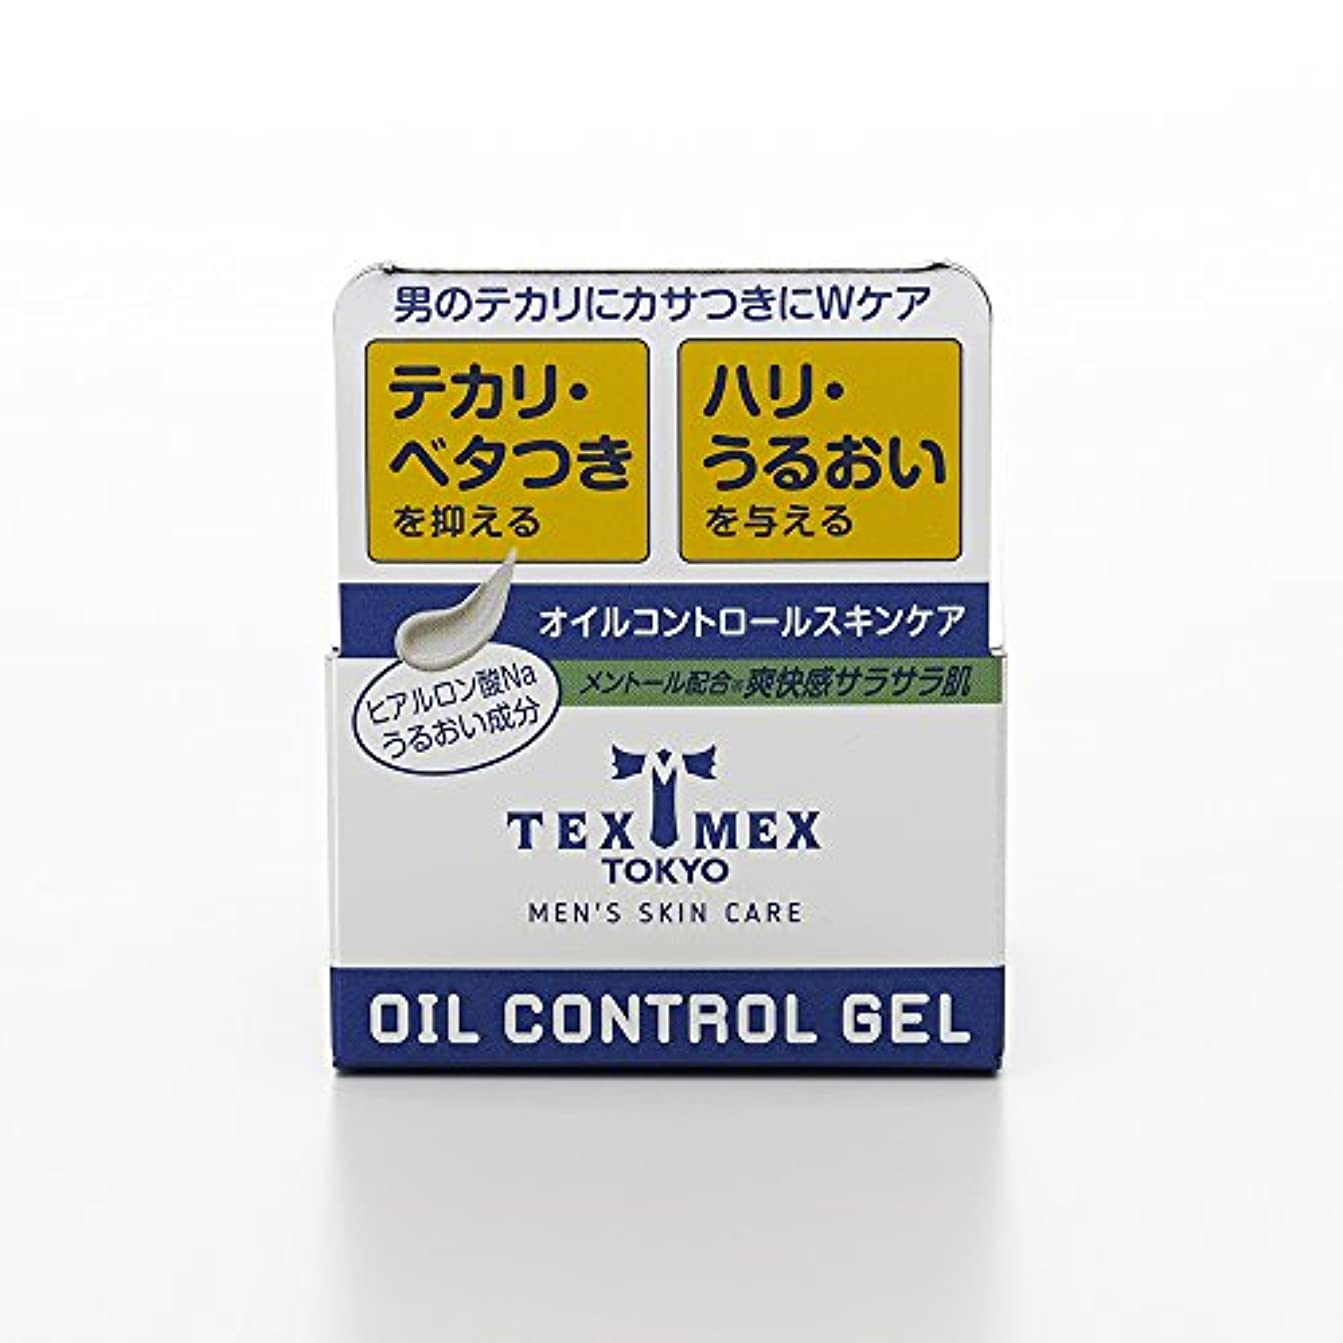 司書器具きらめきテックスメックス オイルコントロールジェル 24g (テカリ防止ジェル) 【塗るだけでサラサラ肌に】